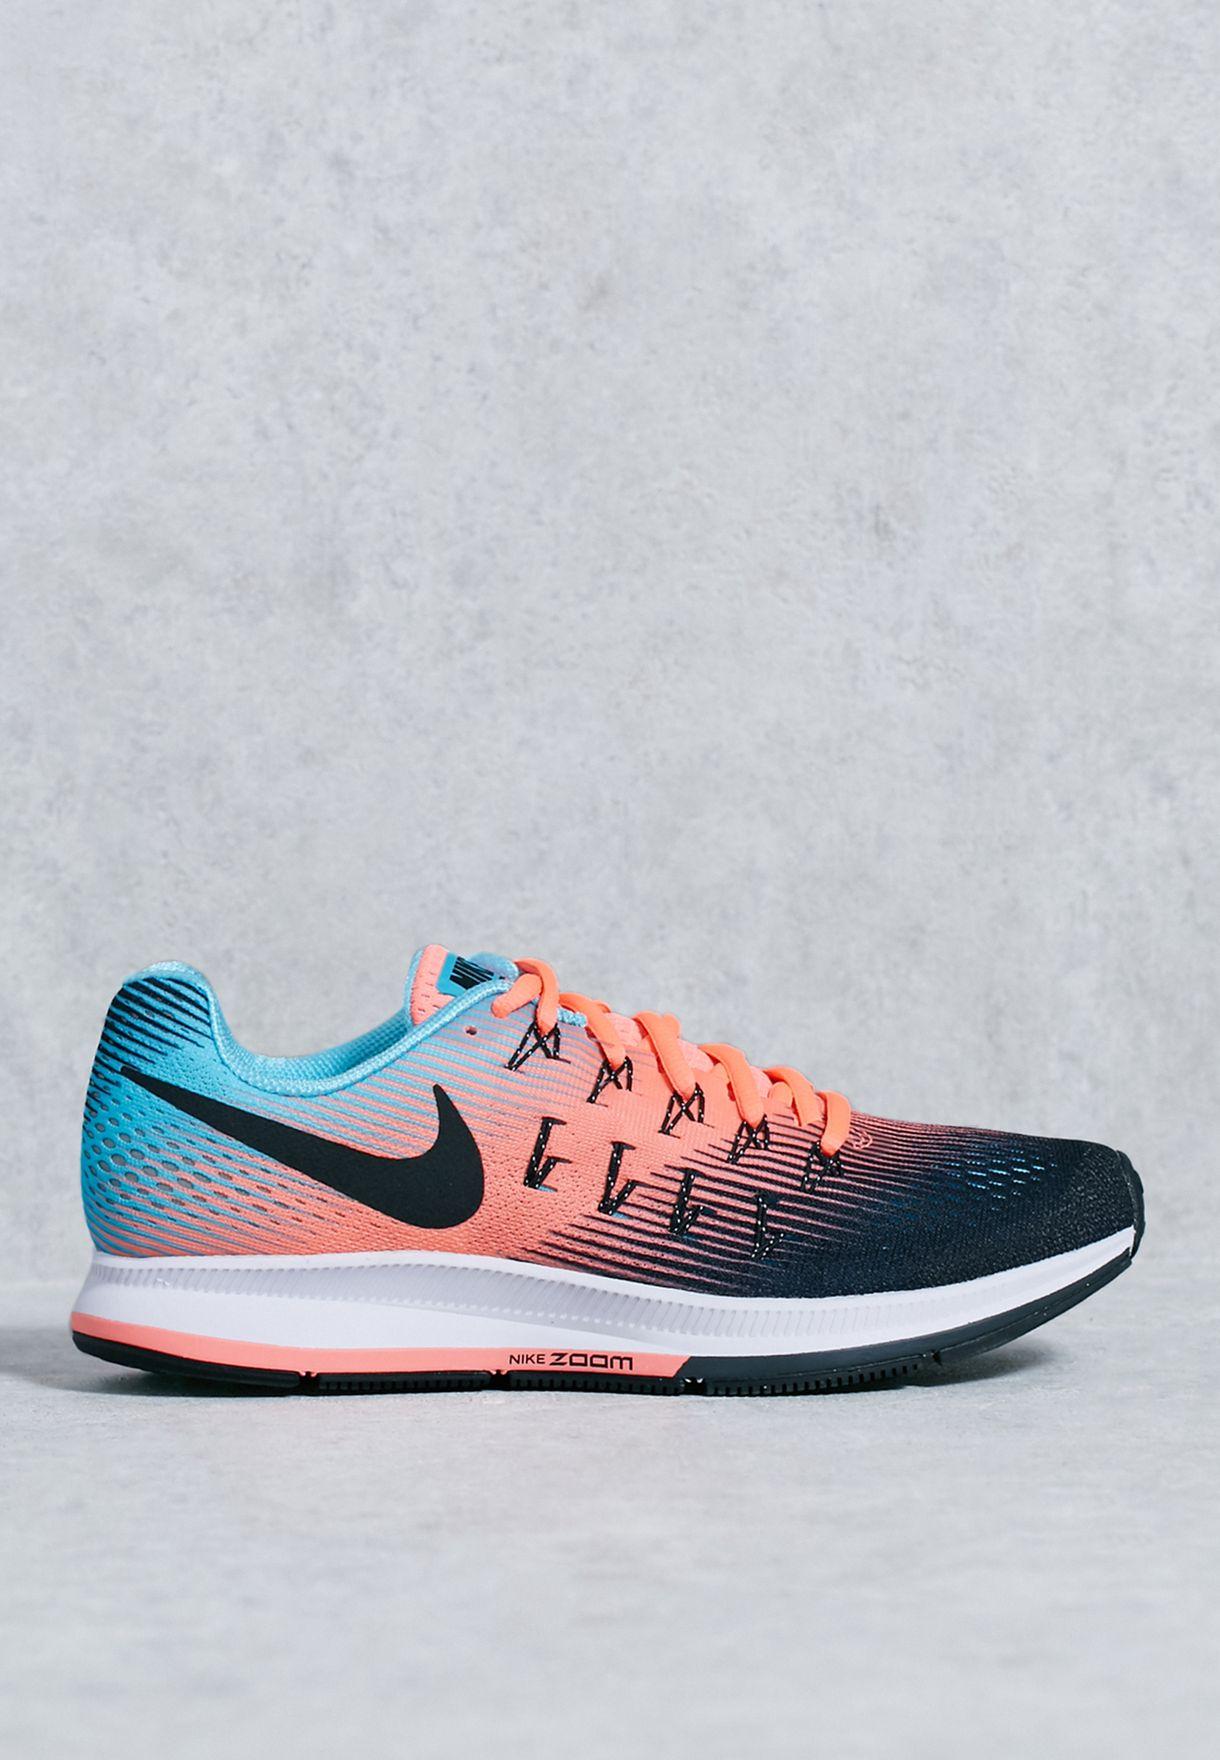 457dd5f394de2 Shop Nike multicolor Air Zoom Pegasus 33 831356-005 for Women in ...